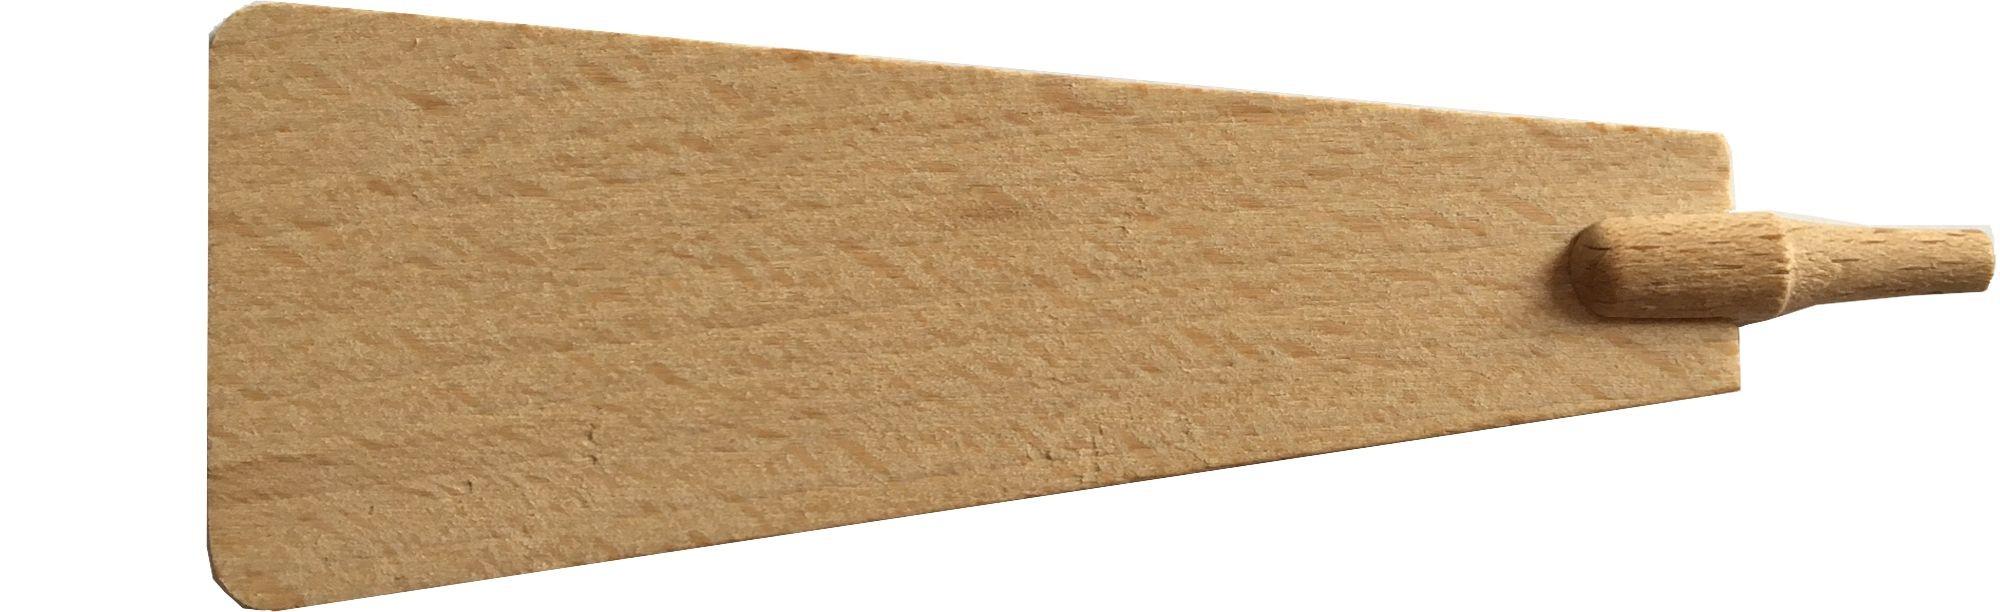 Pyramidenflügel mit Schaft Dms. 5 mm, Länge 100mm